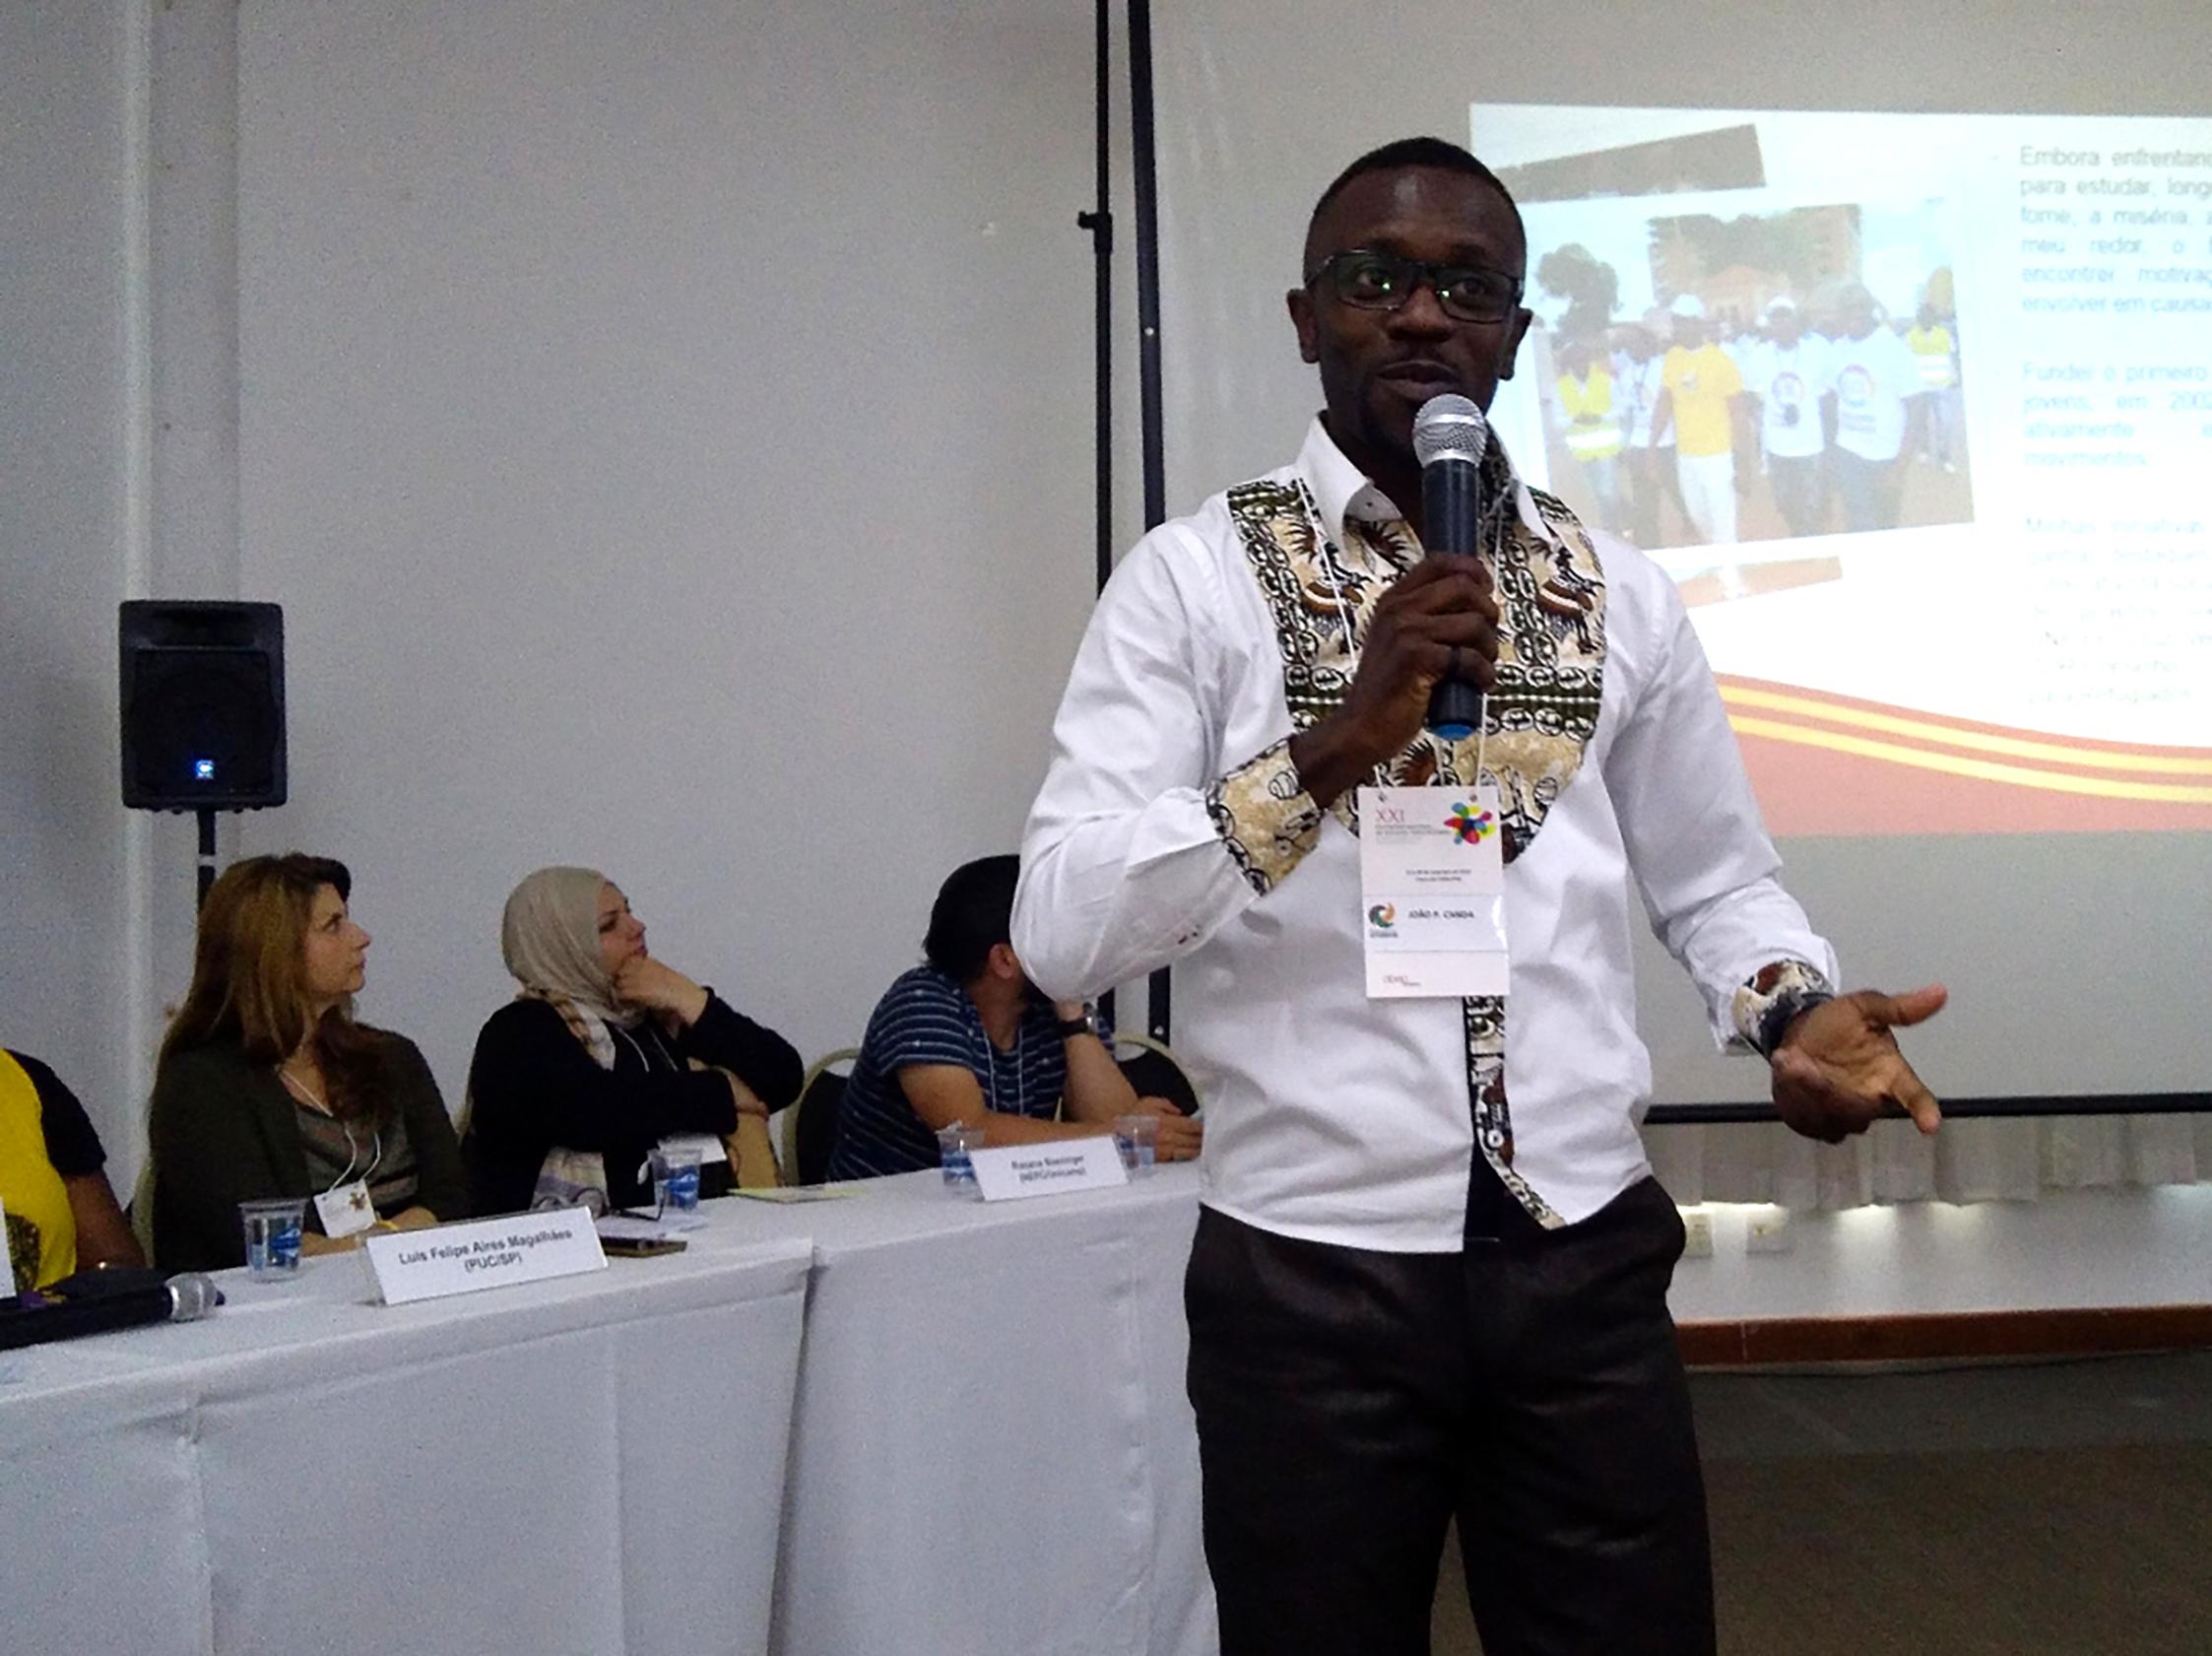 Palestrante Angolano João Canda em Poços de Caldas, MG